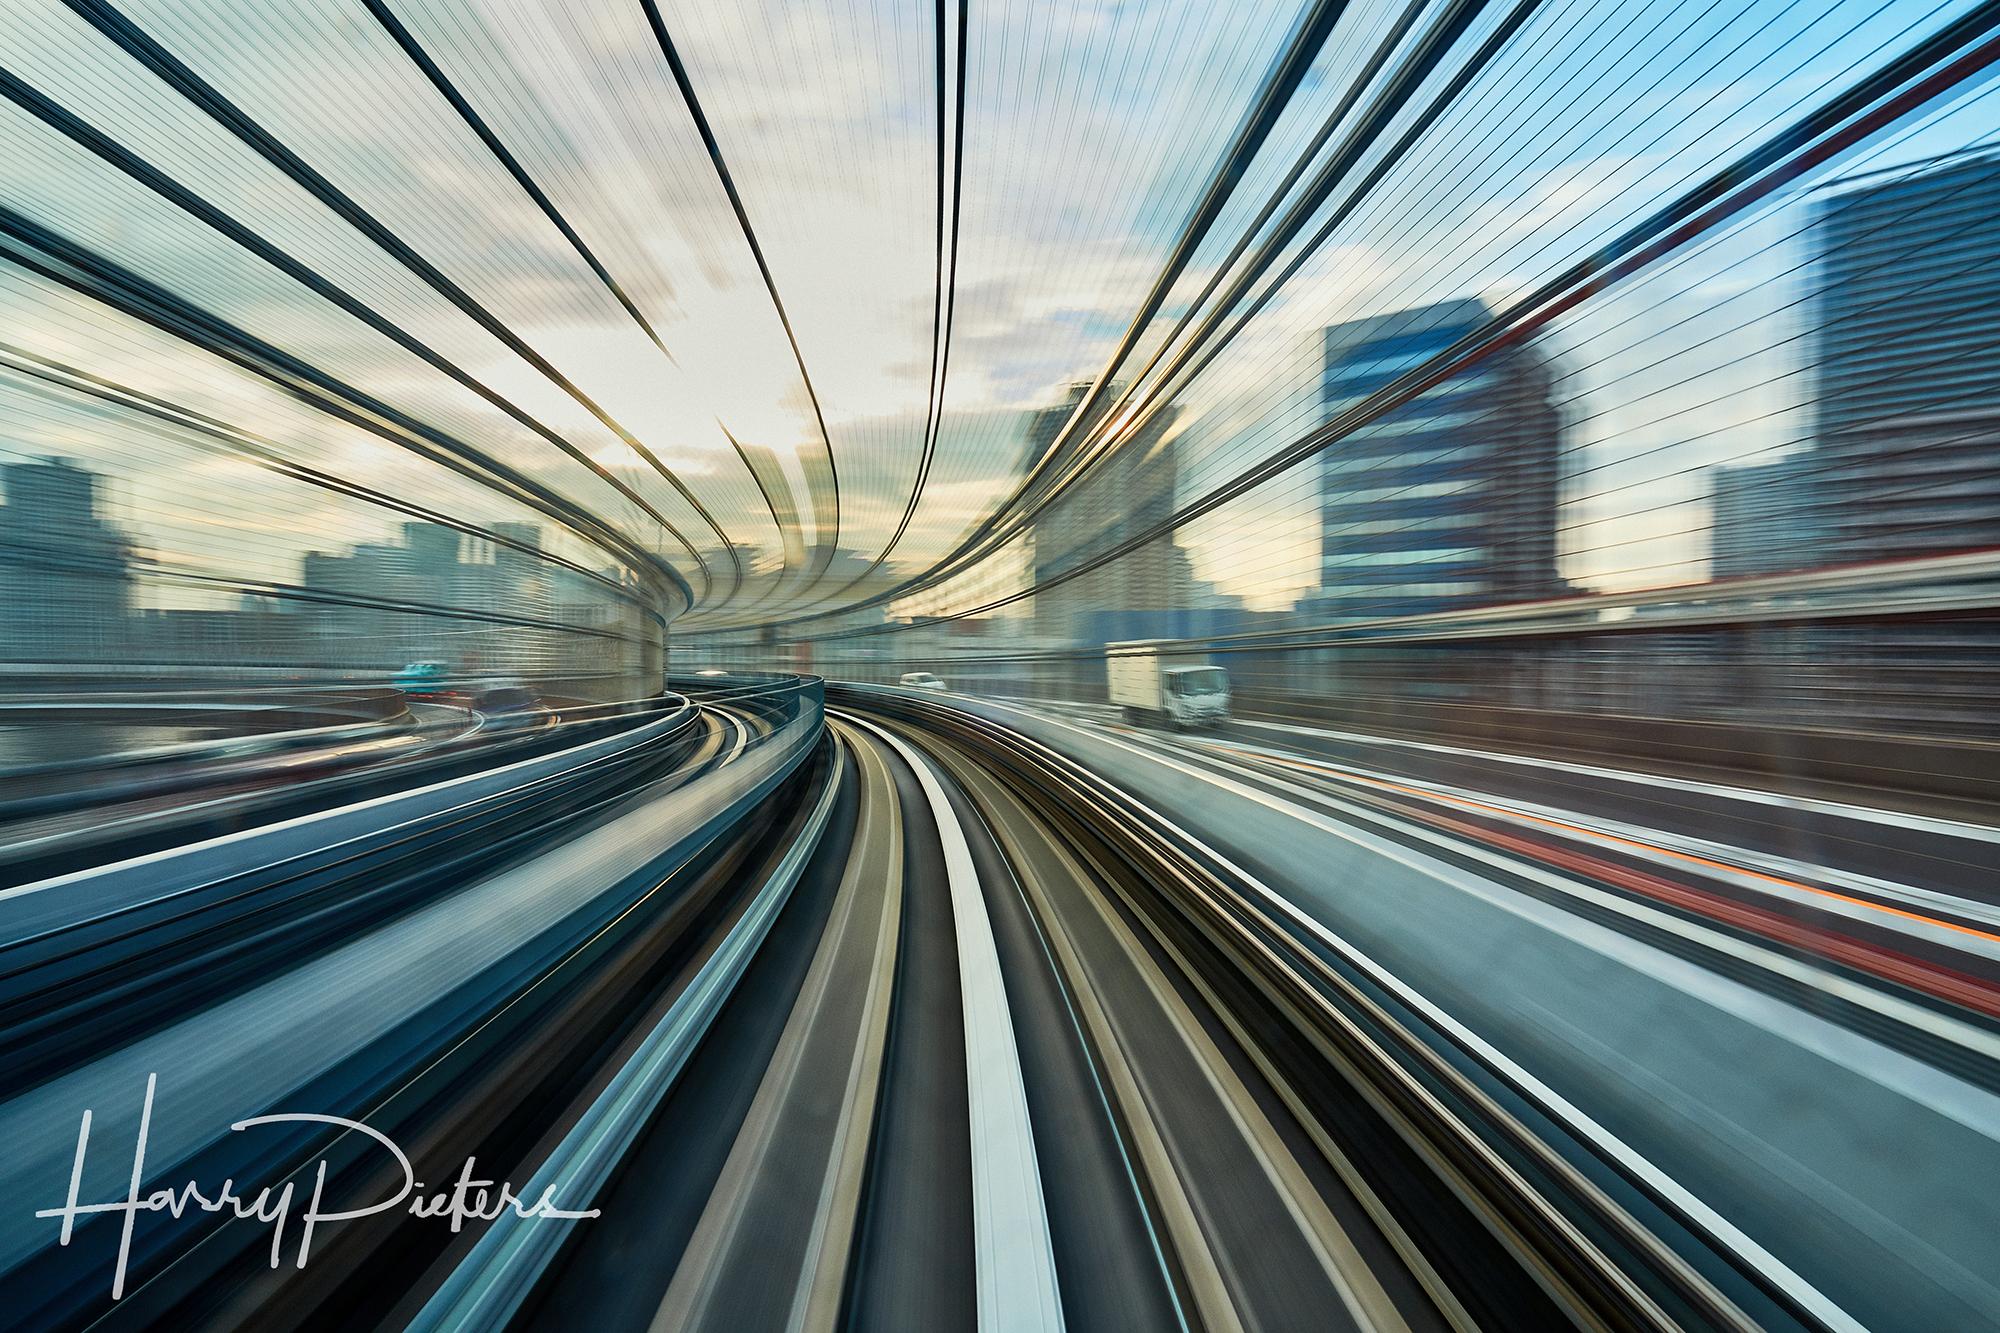 Metro Tunnel at Rainbow Bridge, Tokio, Japan